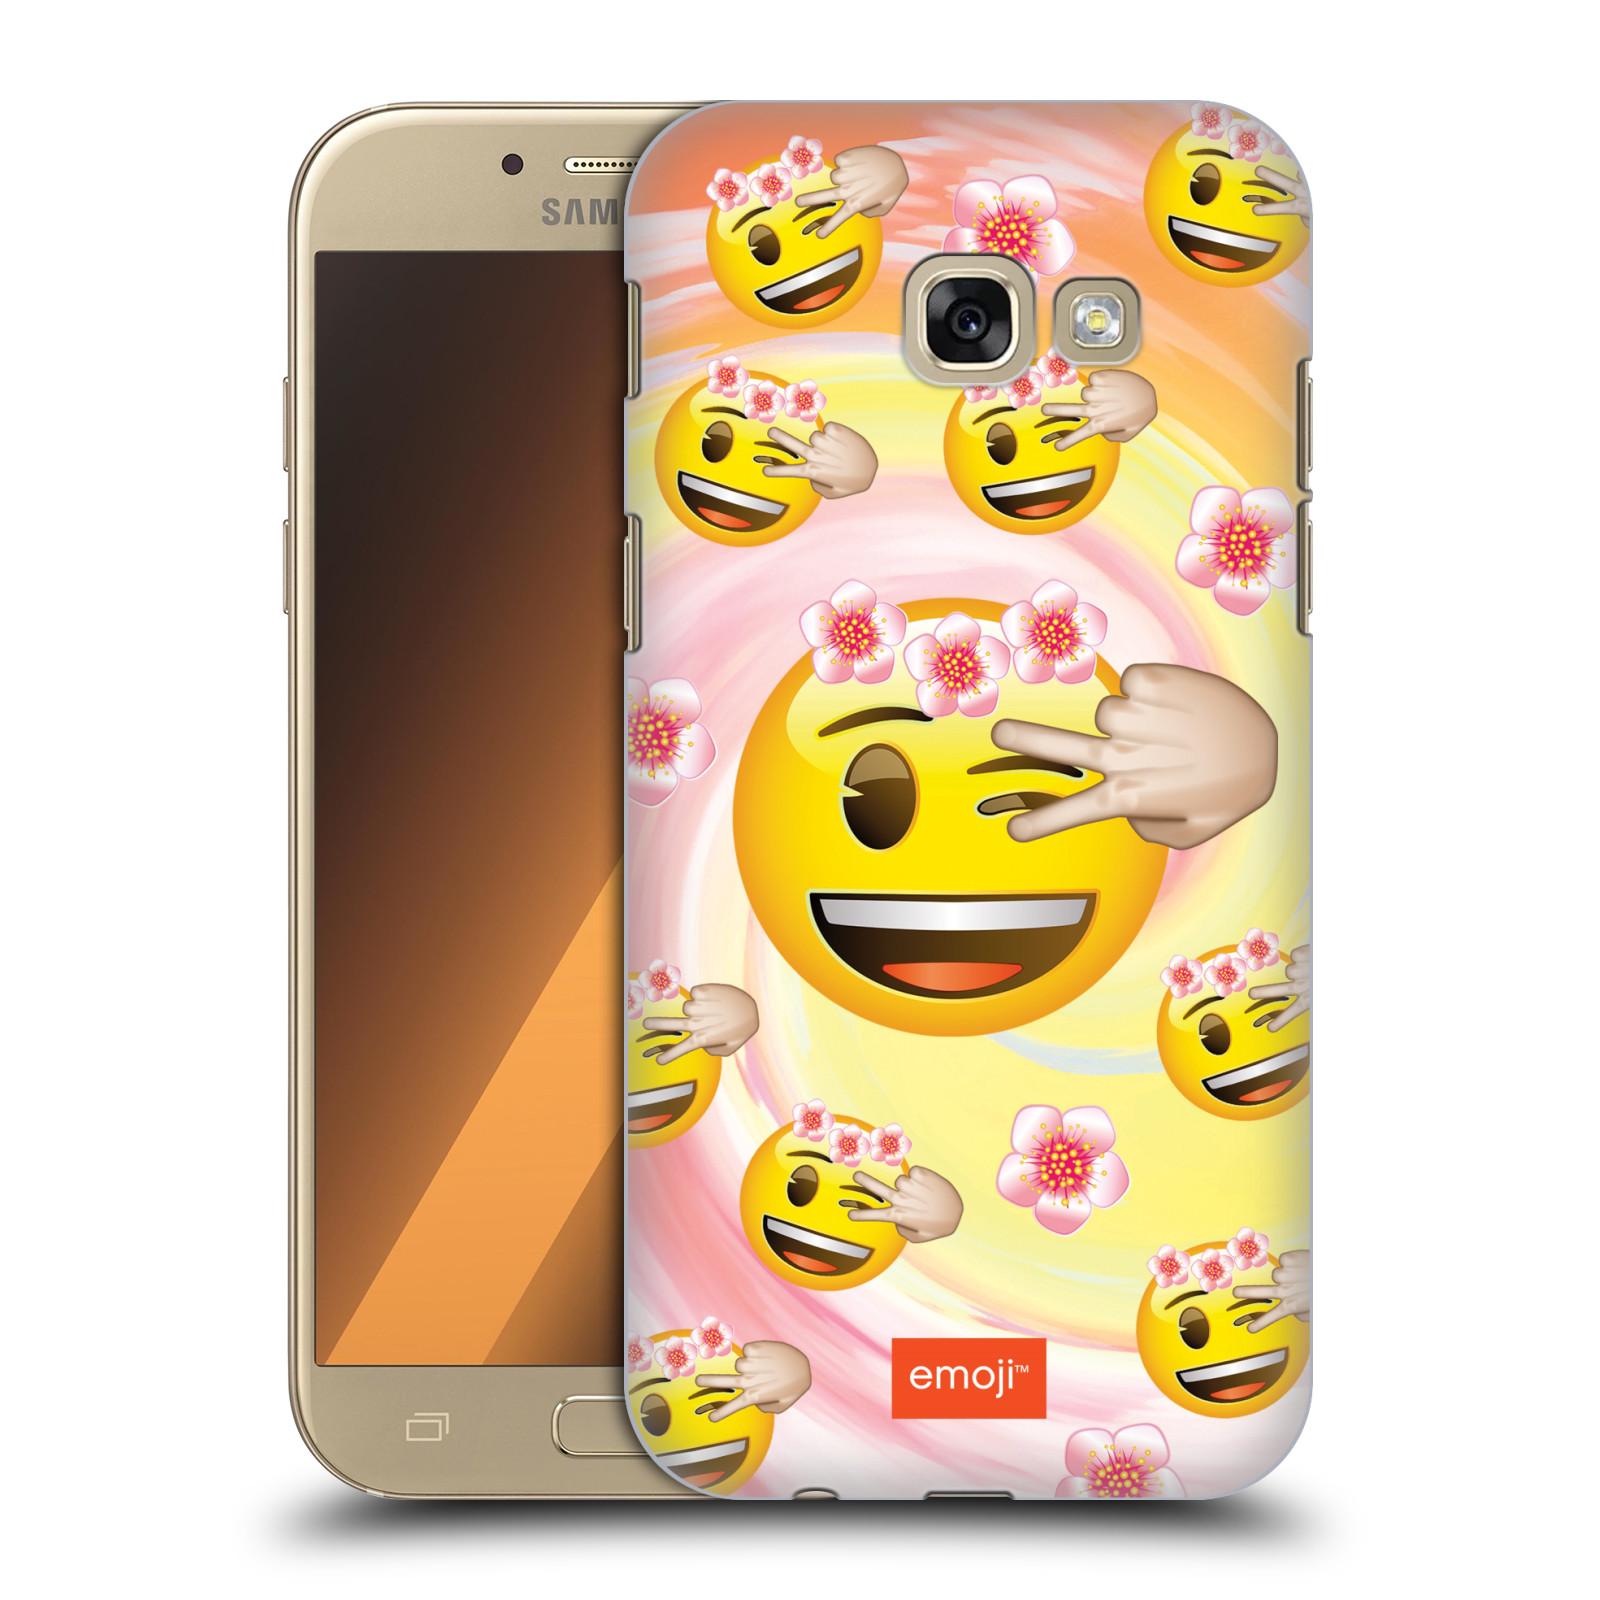 Plastové pouzdro na mobil Samsung Galaxy A5 (2017) HEAD CASE EMOJI - Mrkající smajlíci a kytičky